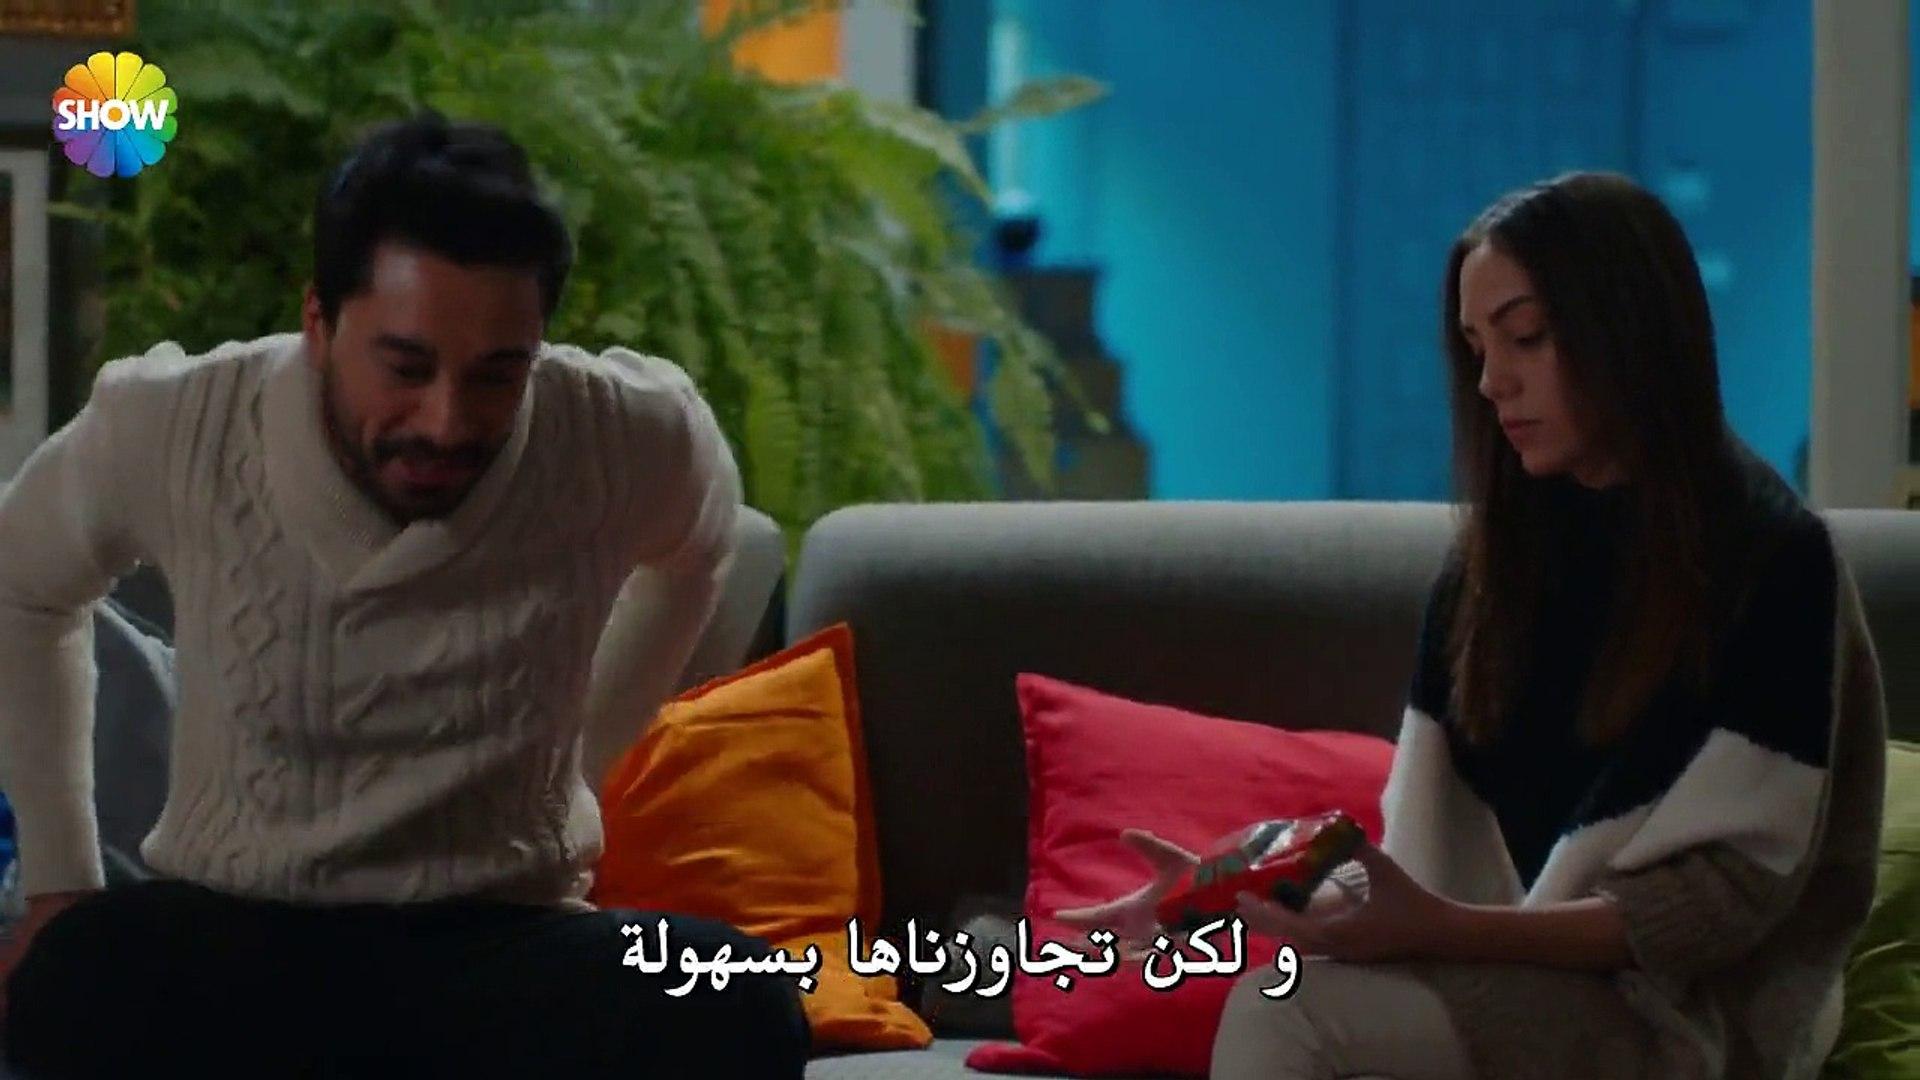 مسلسل نبضات قلب الحلقة 22 مترجمة للعربية القسم 2 فيديو Dailymotion